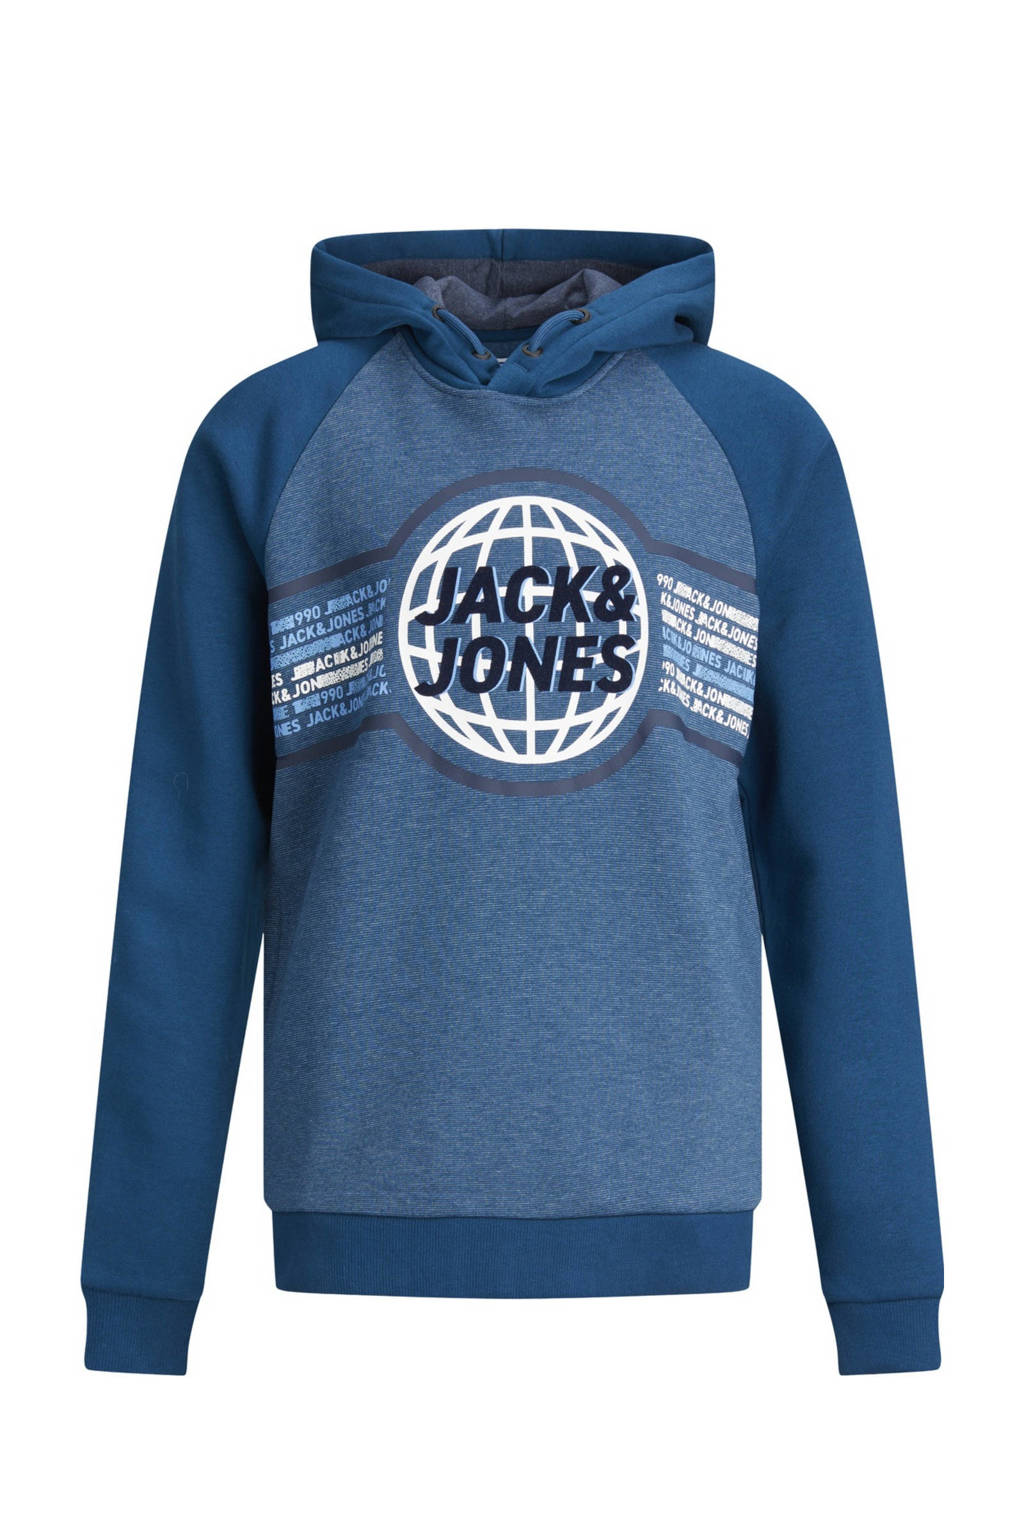 JACK & JONES JUNIOR hoodie Ruben met logo blauw/wit, Blauw/wit